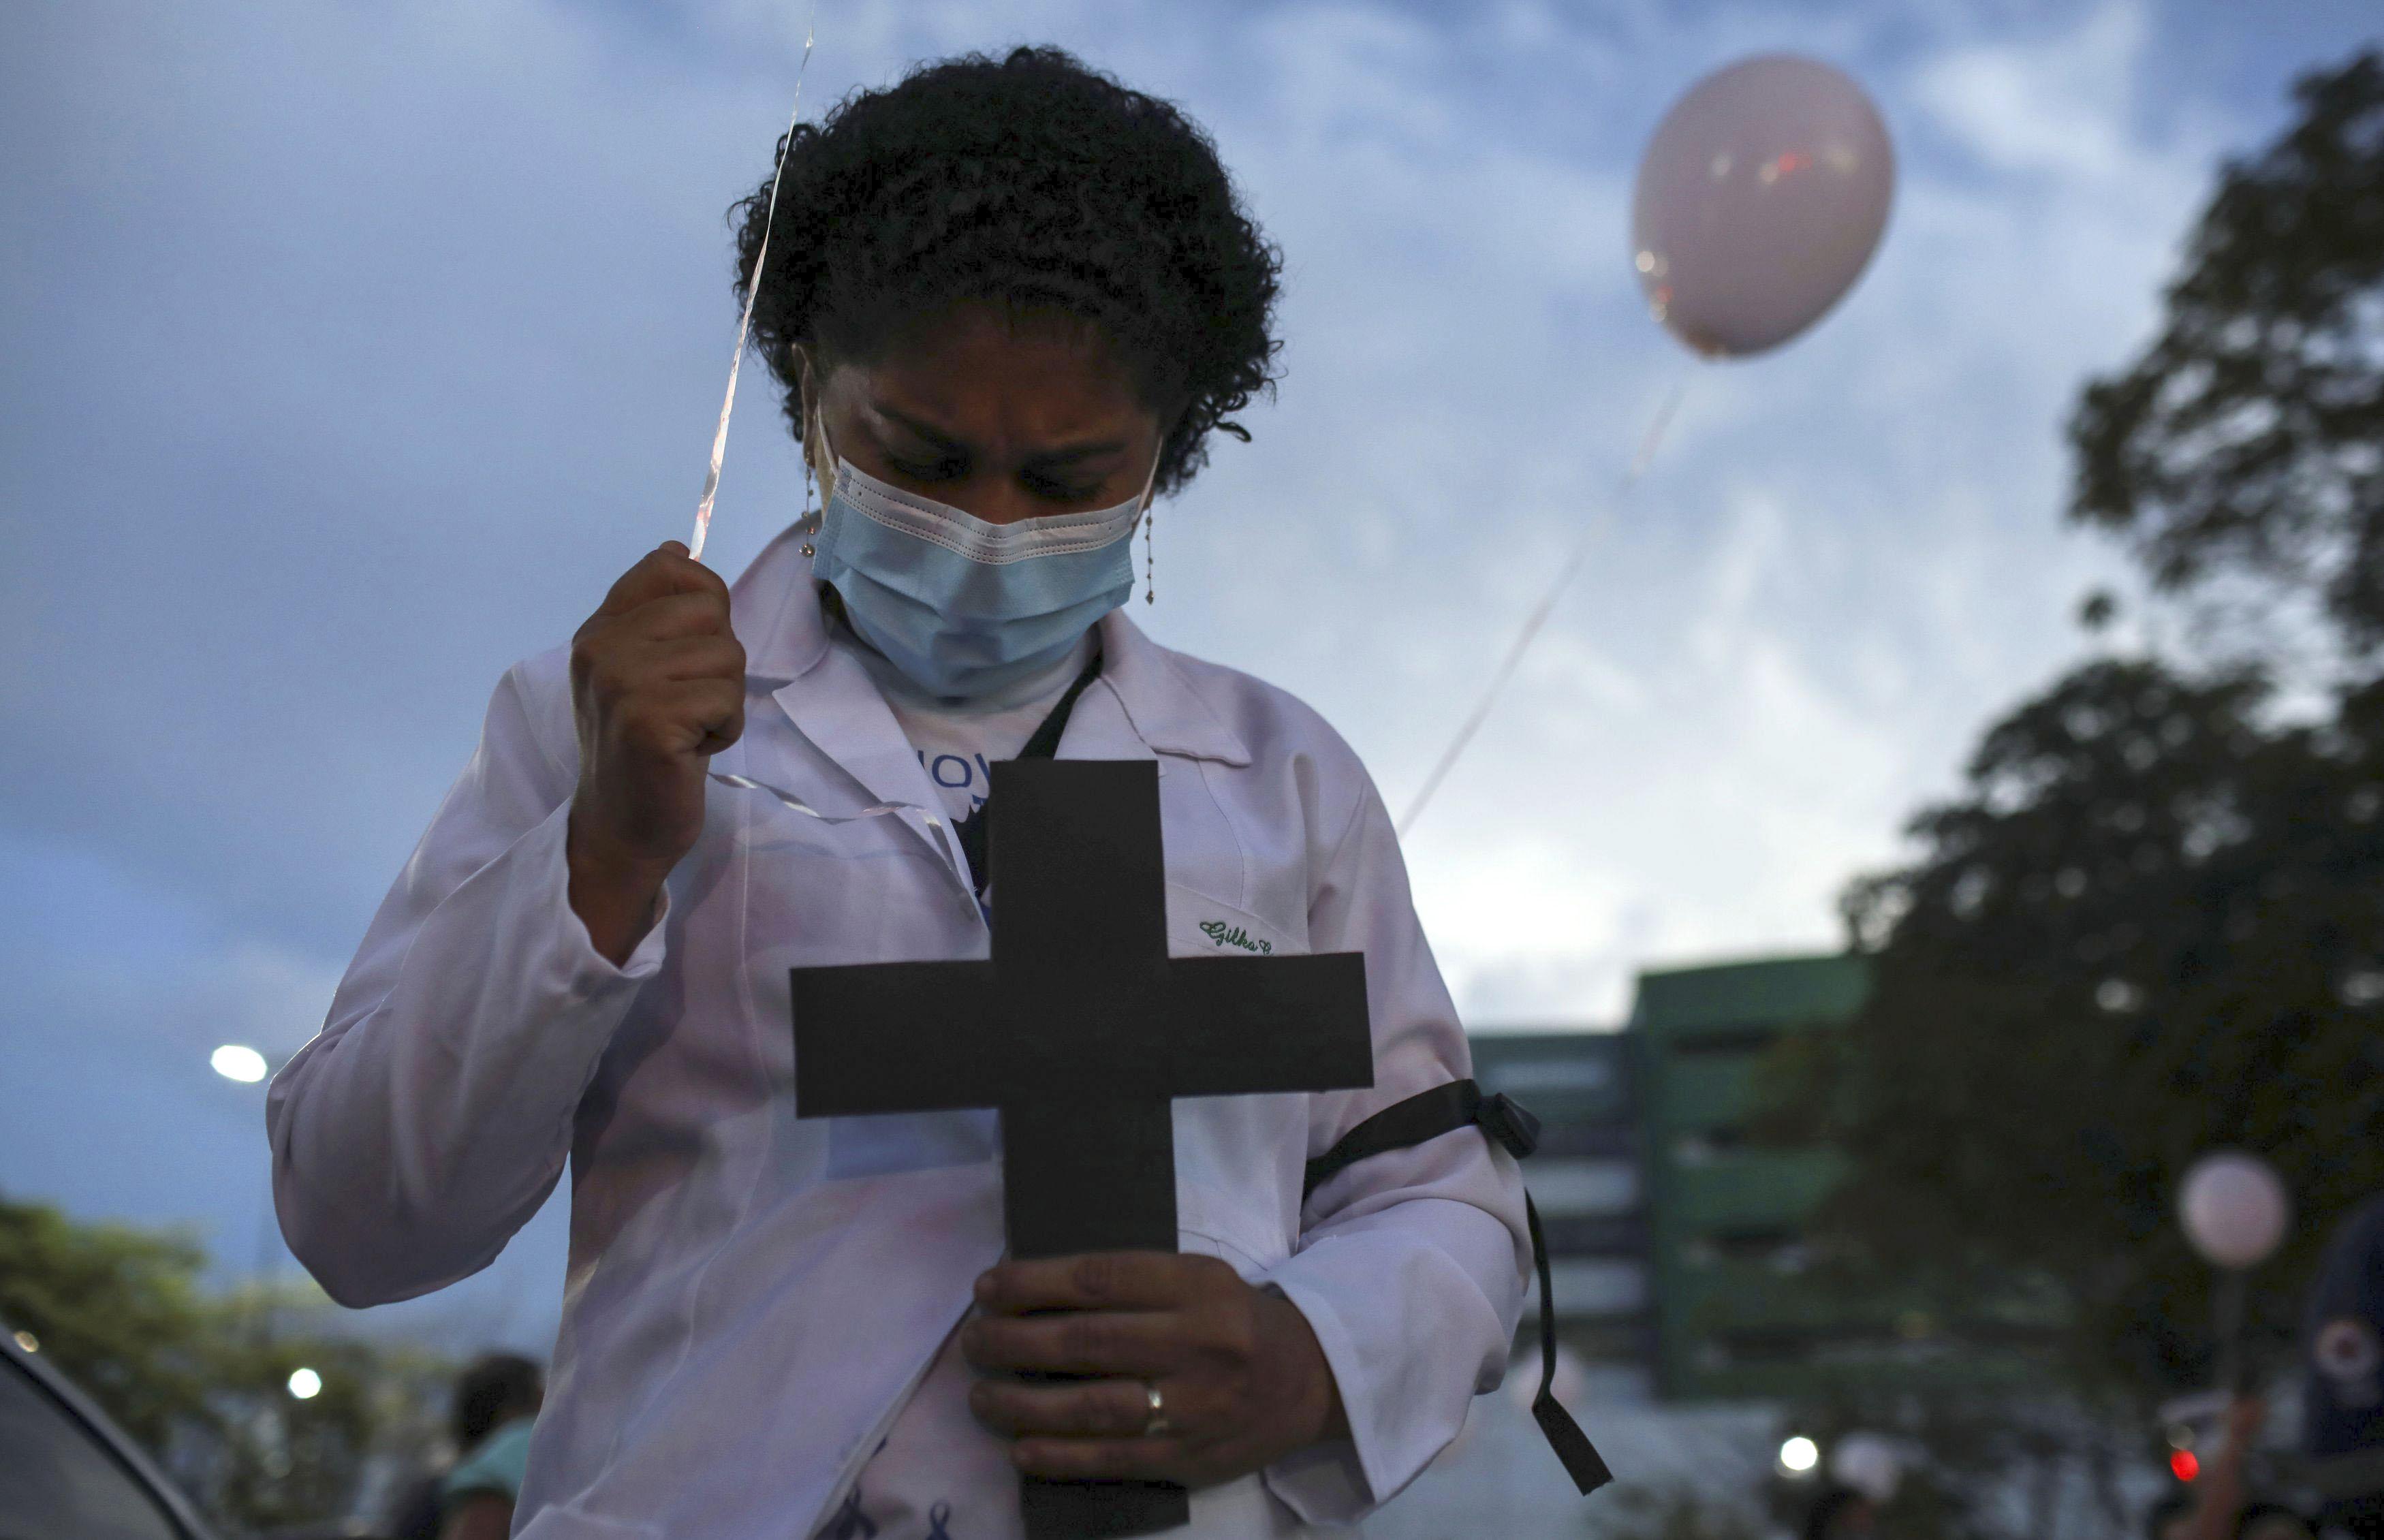 ブラジル北部マナウスで、新型コロナウイルスにより死亡した同僚を悼む医療従事者=16日(ロイター=共同)